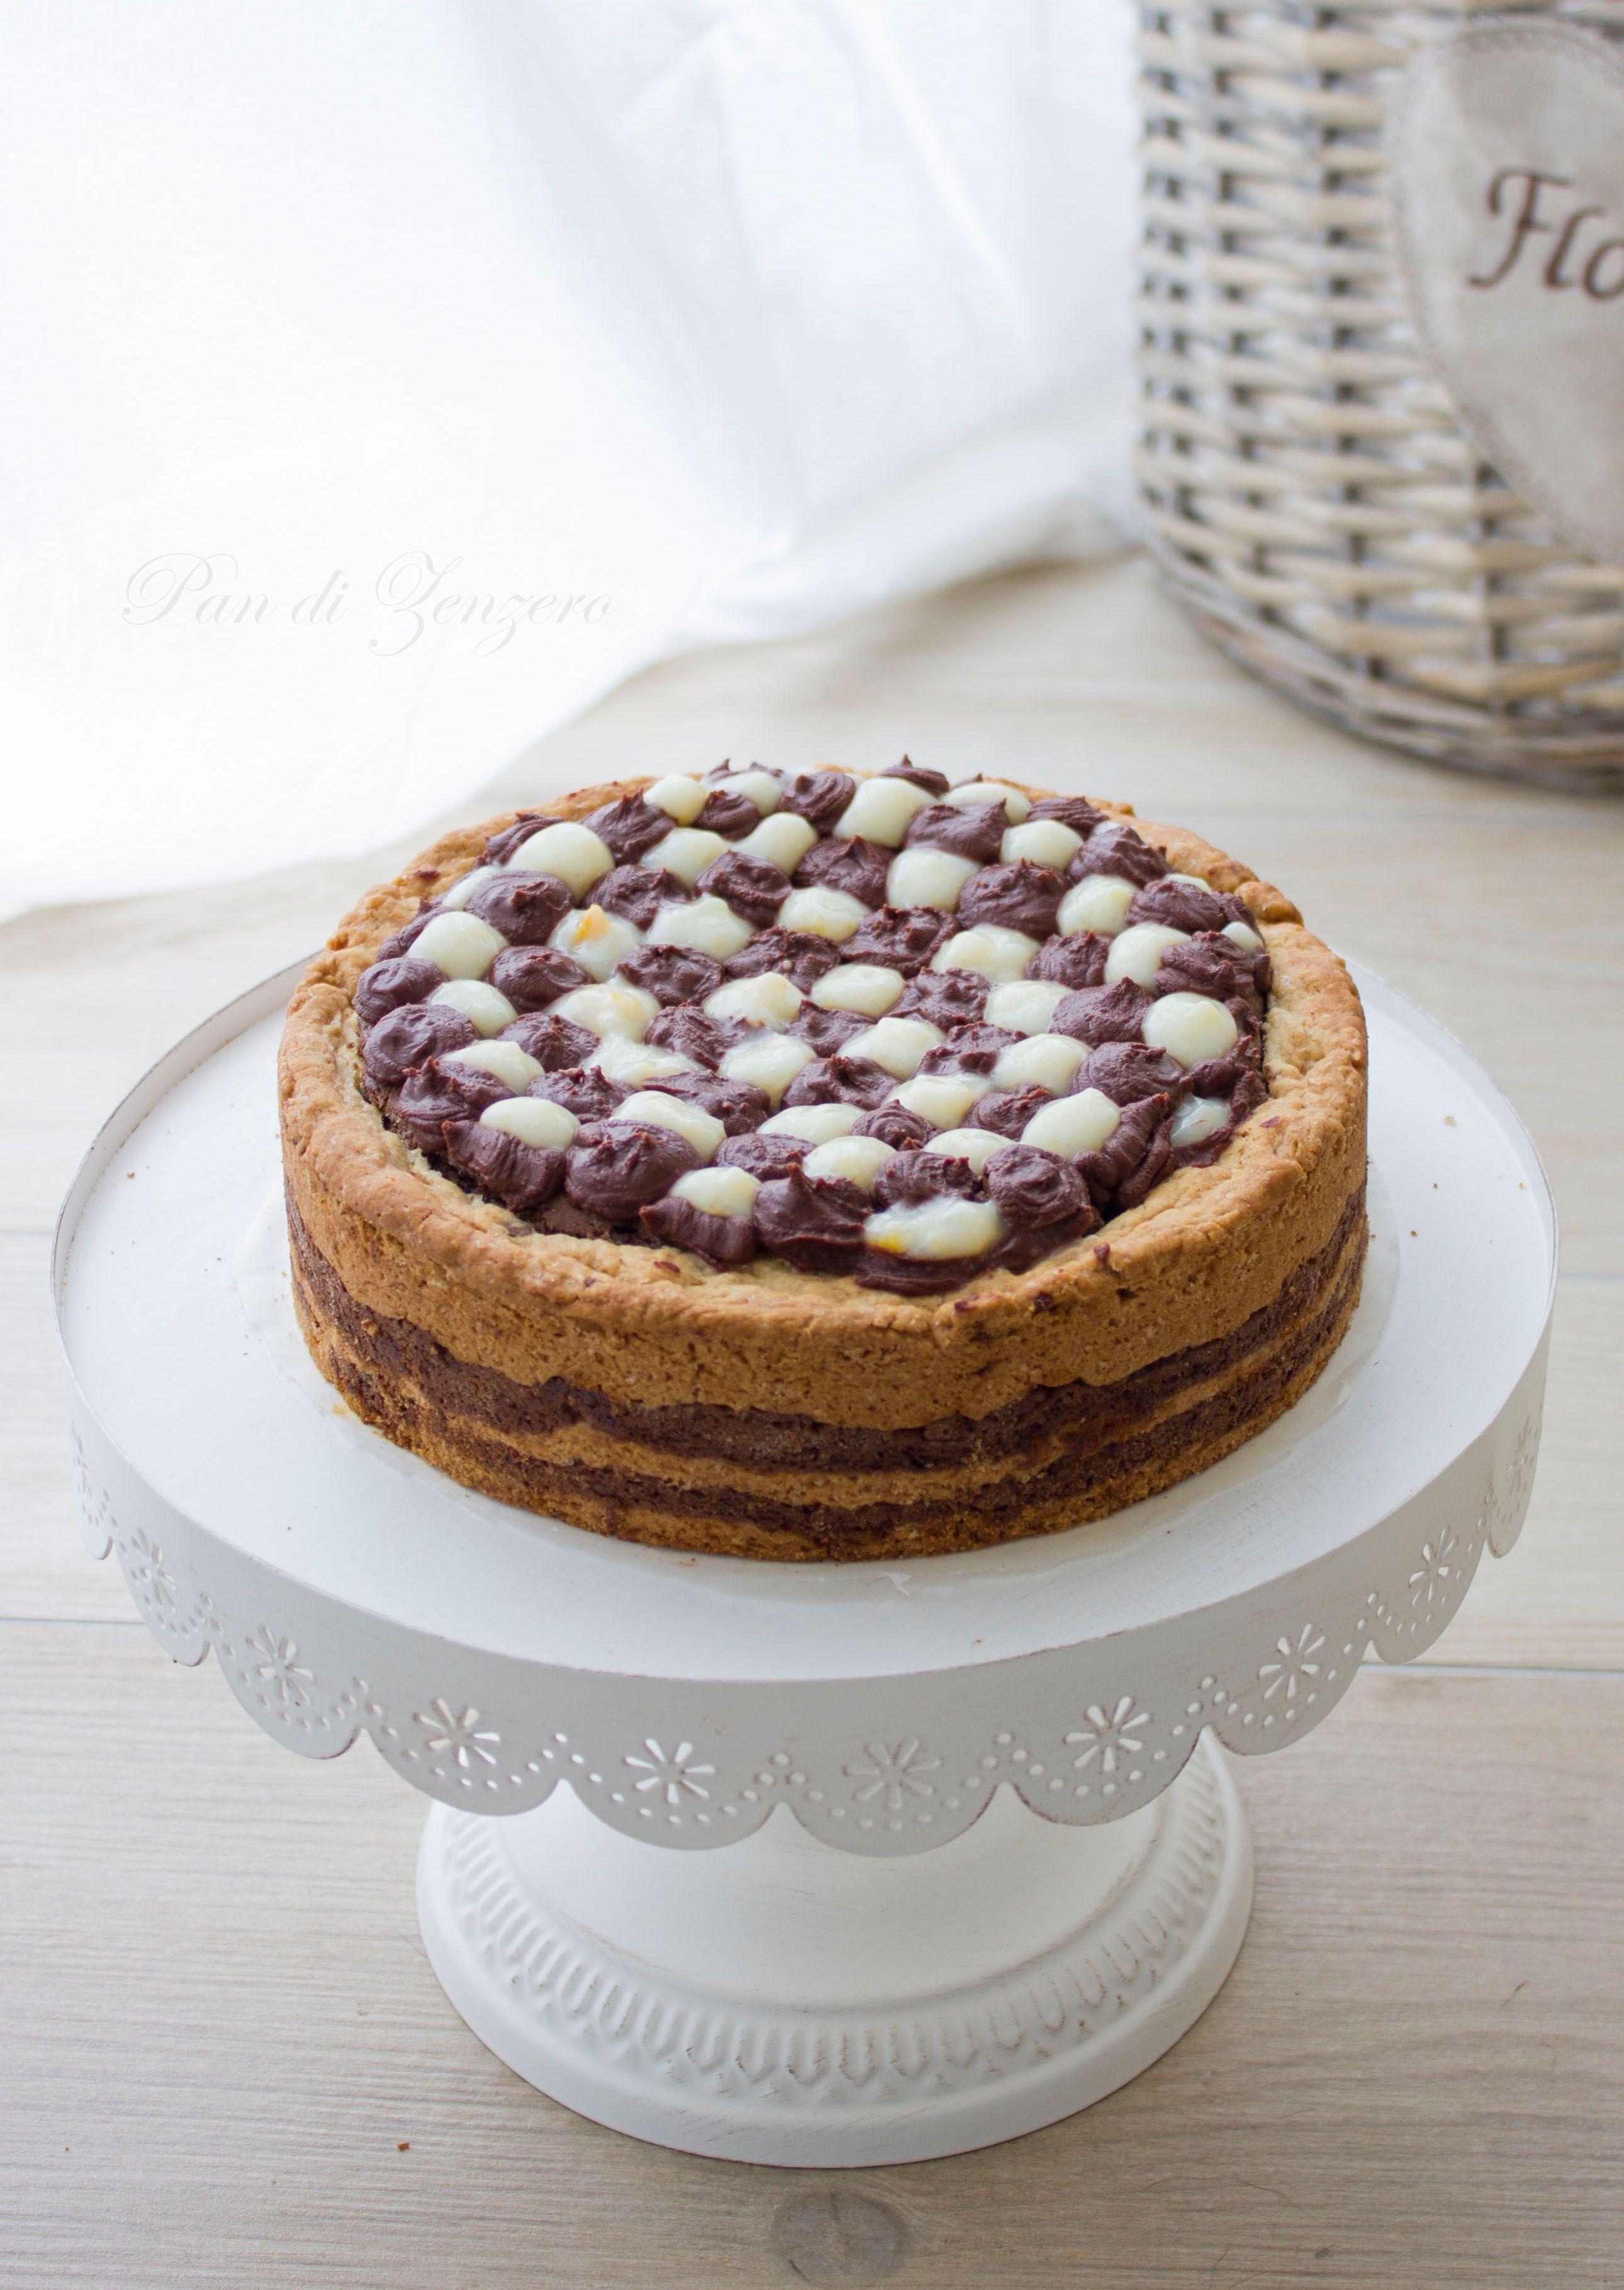 Crostata bicolore con marmellata di arance, ganache al cioccolato e crema di yogurt agli agrumi